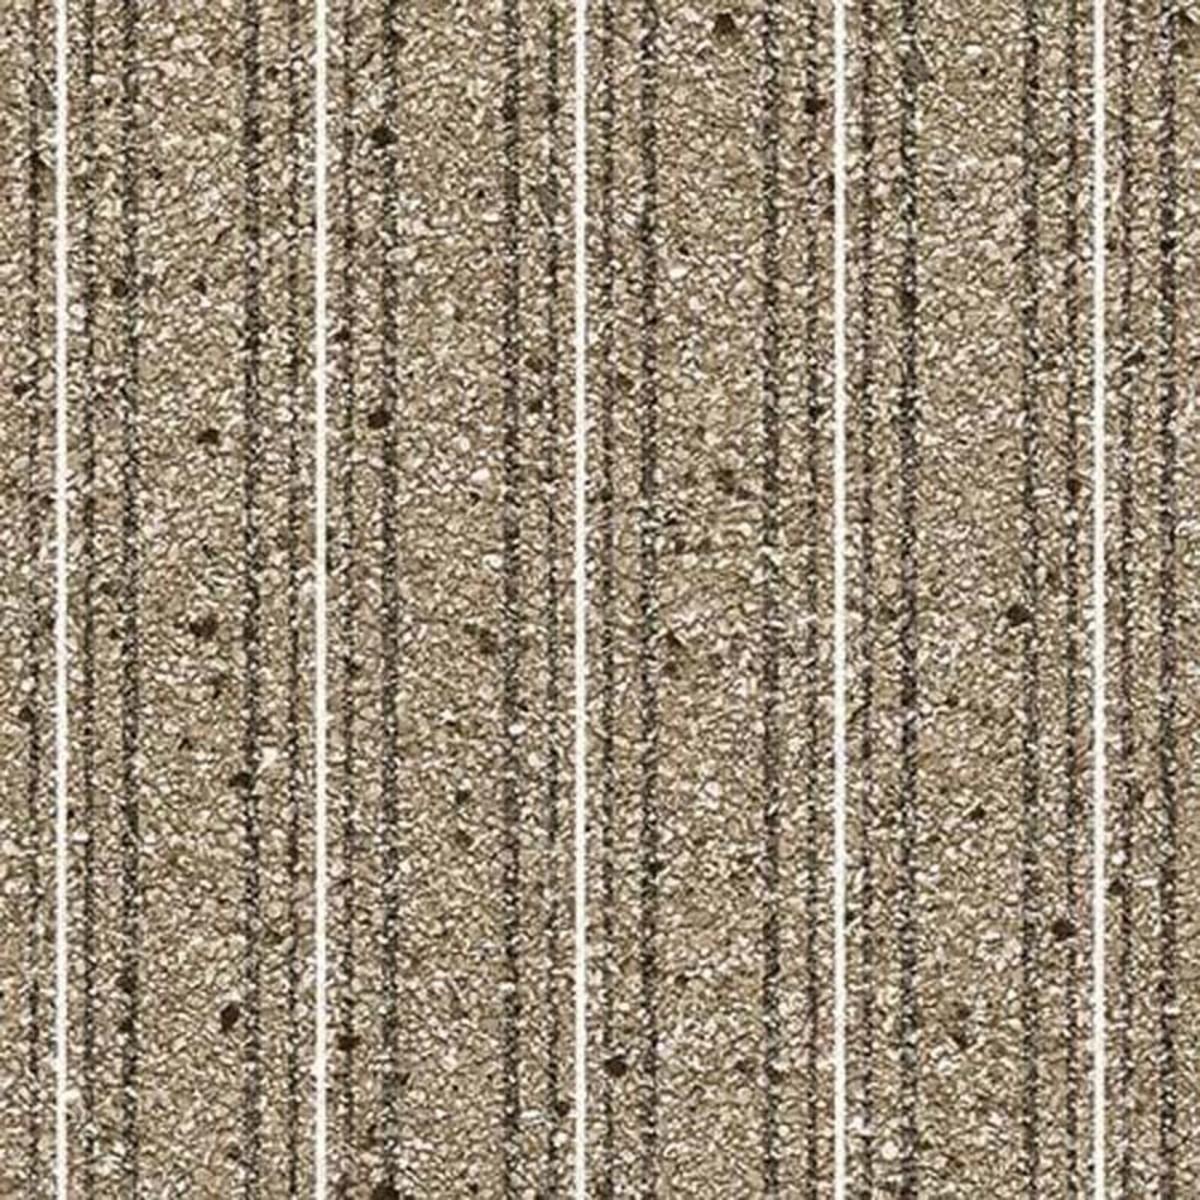 Обои виниловые Gaenari коричневые 1.06 м 59293-2